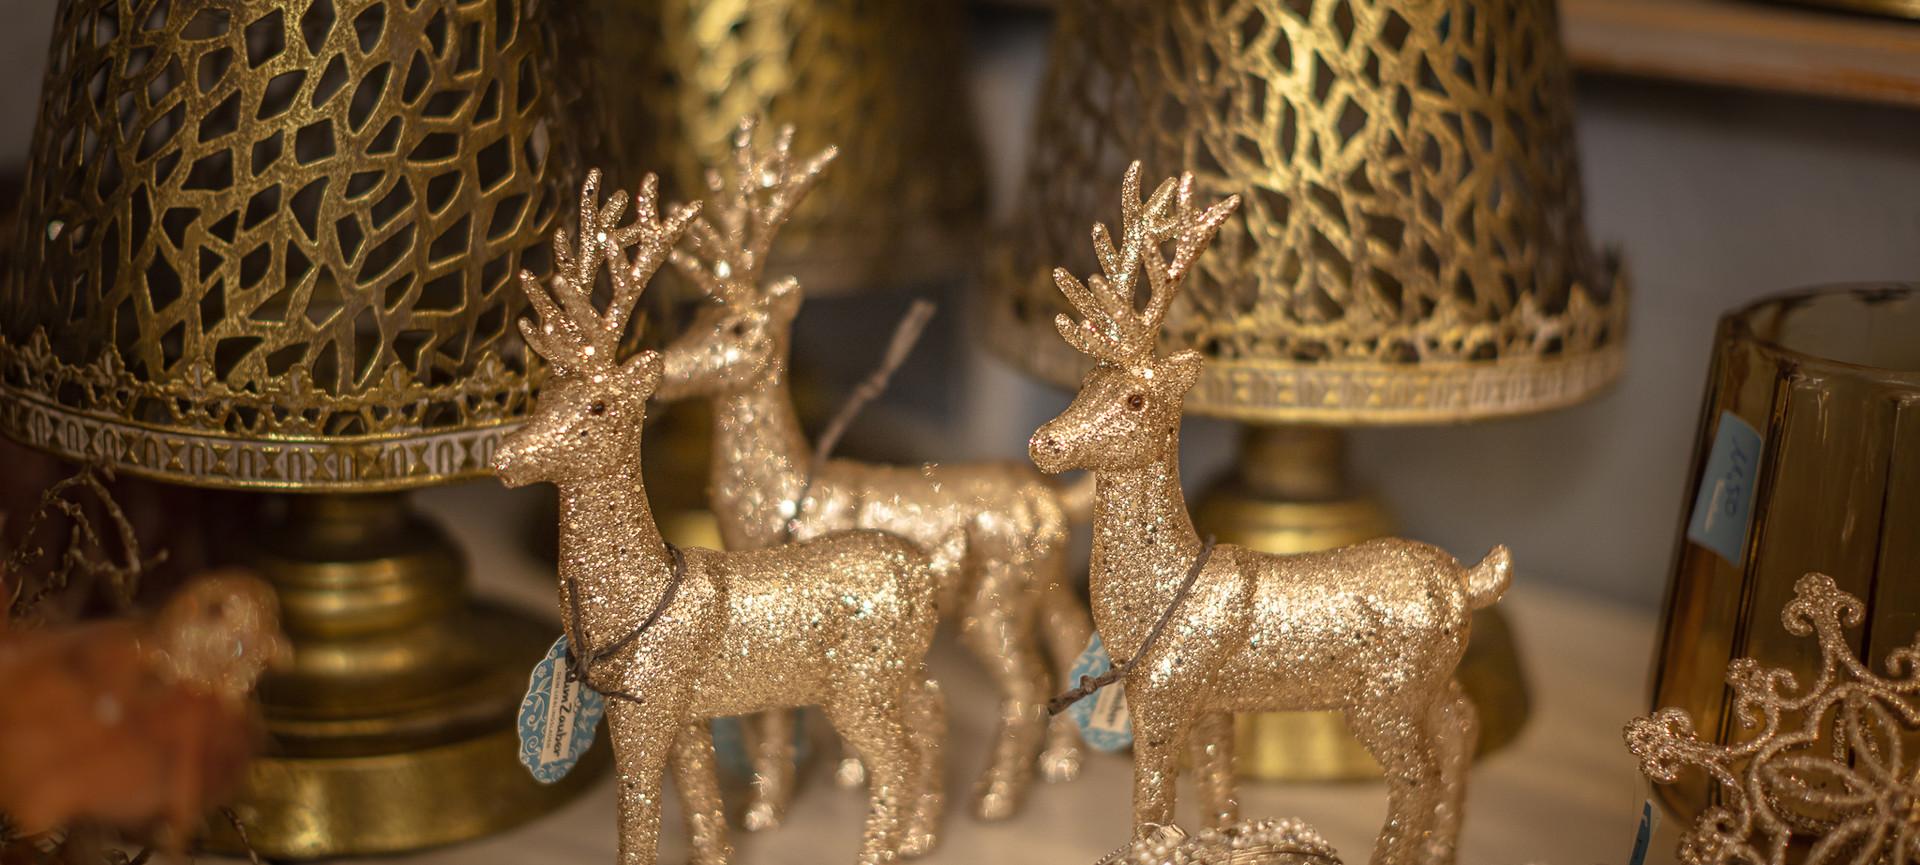 Weihnachtsdeko web res-6.jpg